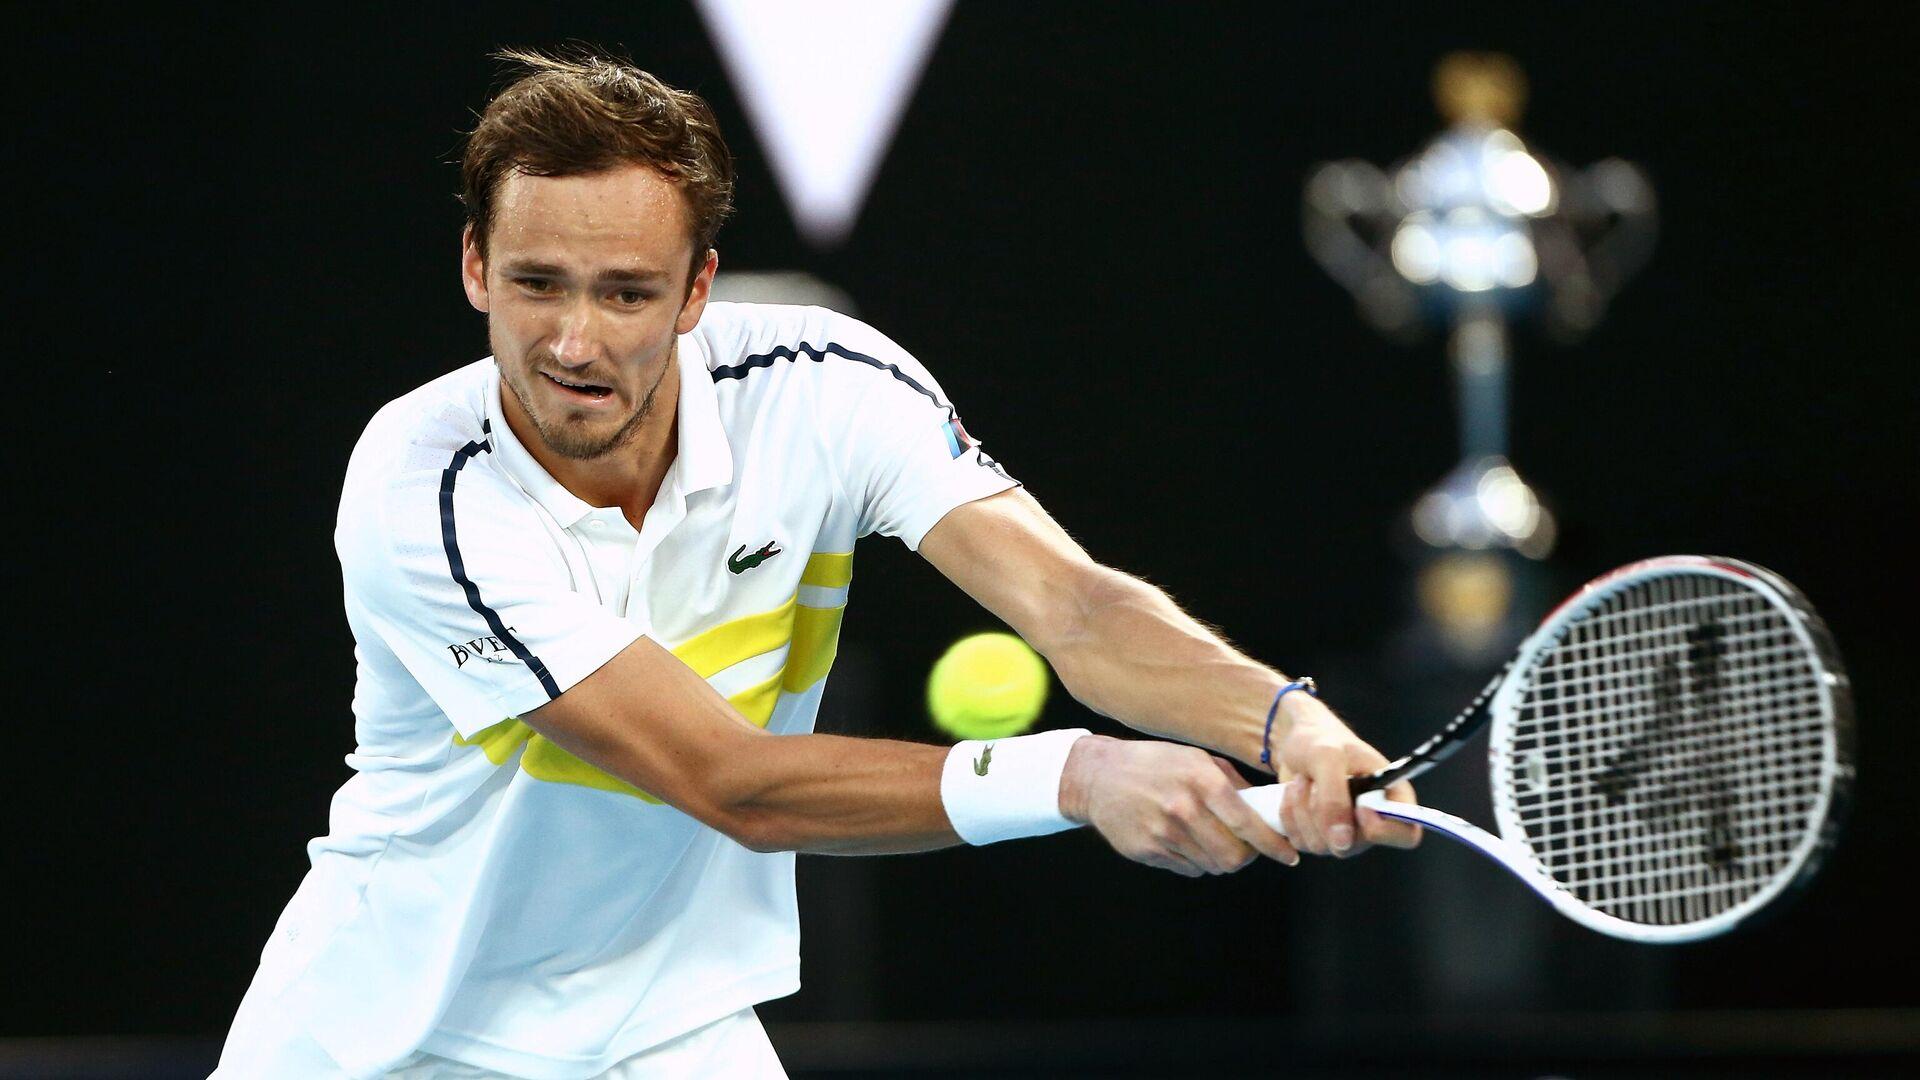 Даниил Медведев (Россия) в полуфинальном матче Открытого чемпионата Австралии 2021 (Australian Open 2021 - РИА Новости, 1920, 19.02.2021